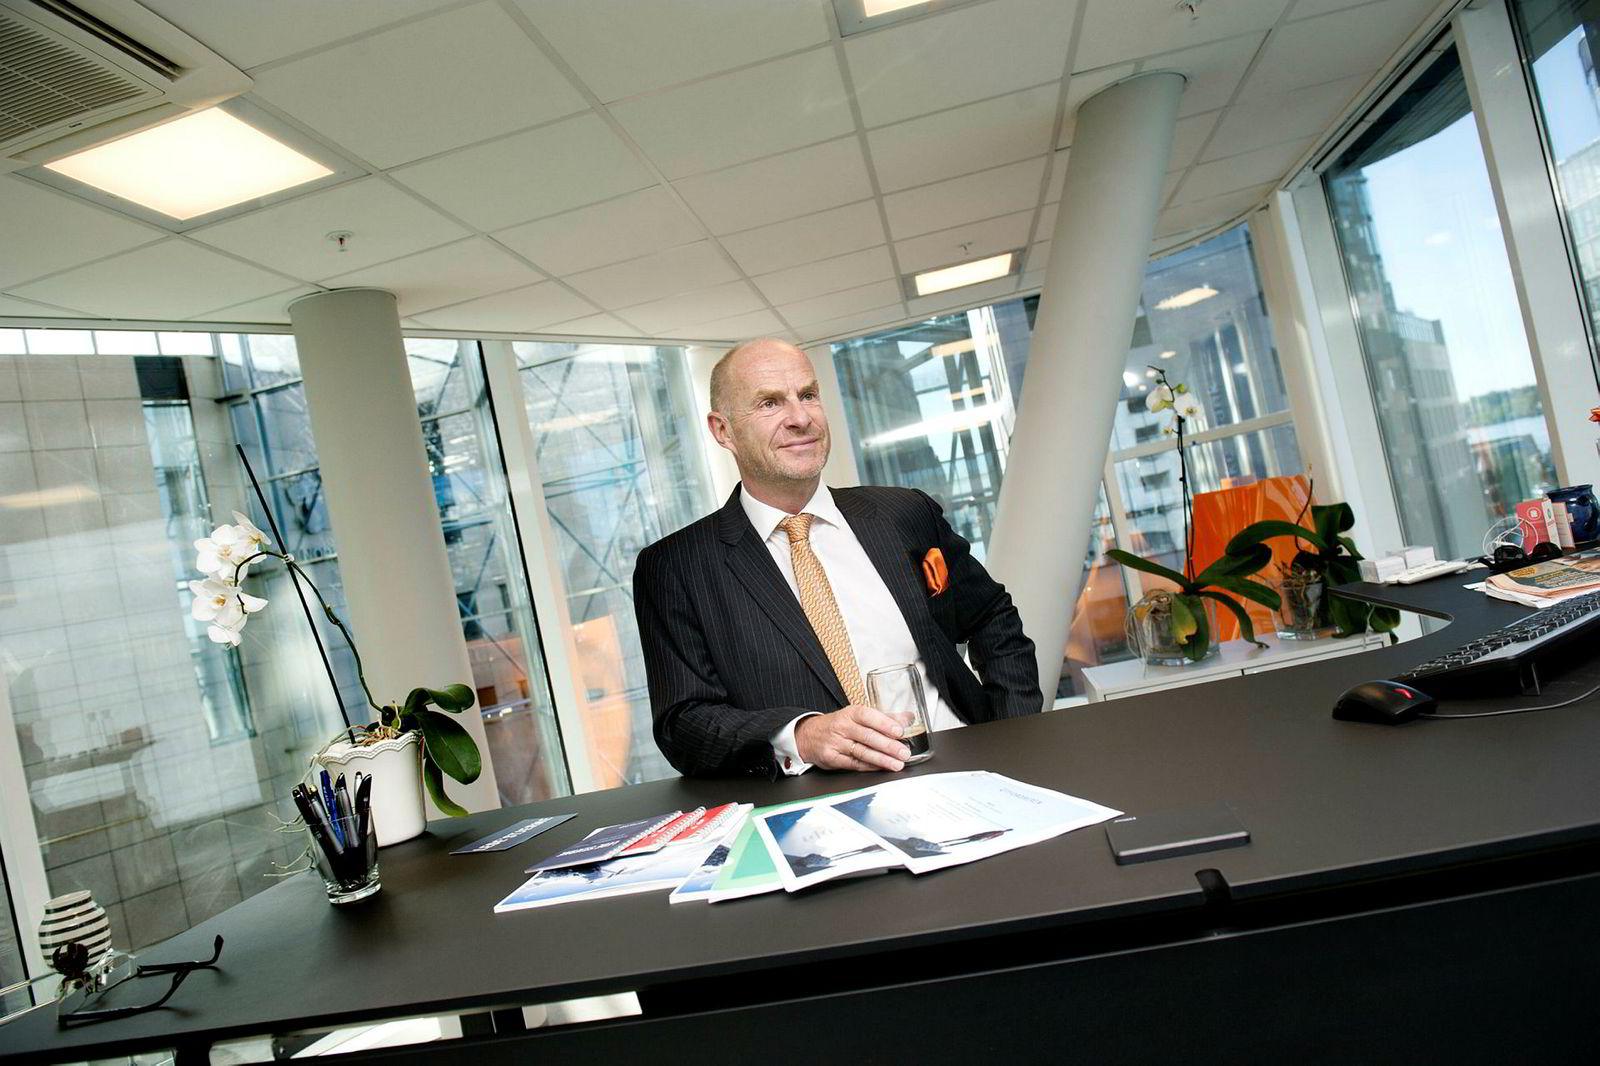 Administrerende direktør Sverre Bjerkeli i Protector Forsikring varsler tap på boligselgerforsikringer i tredje kvartal som følge av insektet skjeggkre.